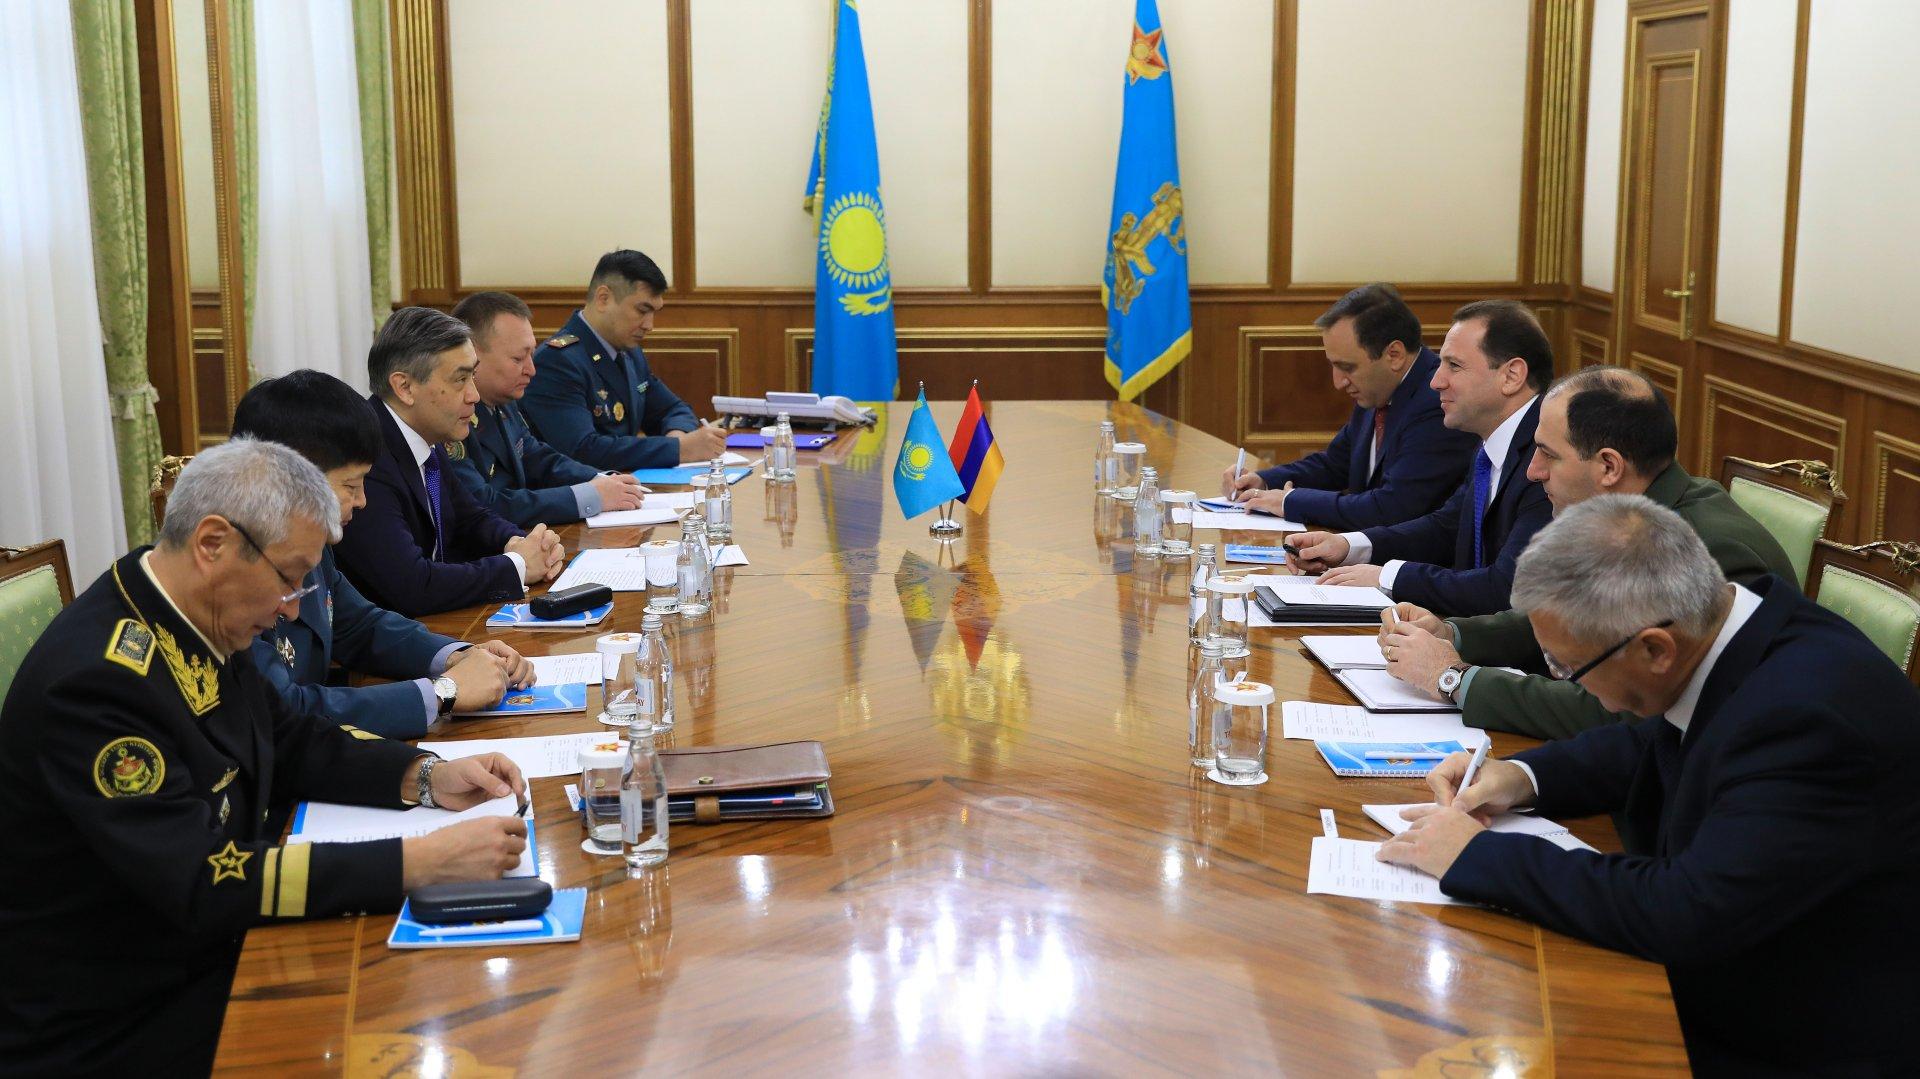 В Астане прошла встреча министров обороны Казахстана и Армении